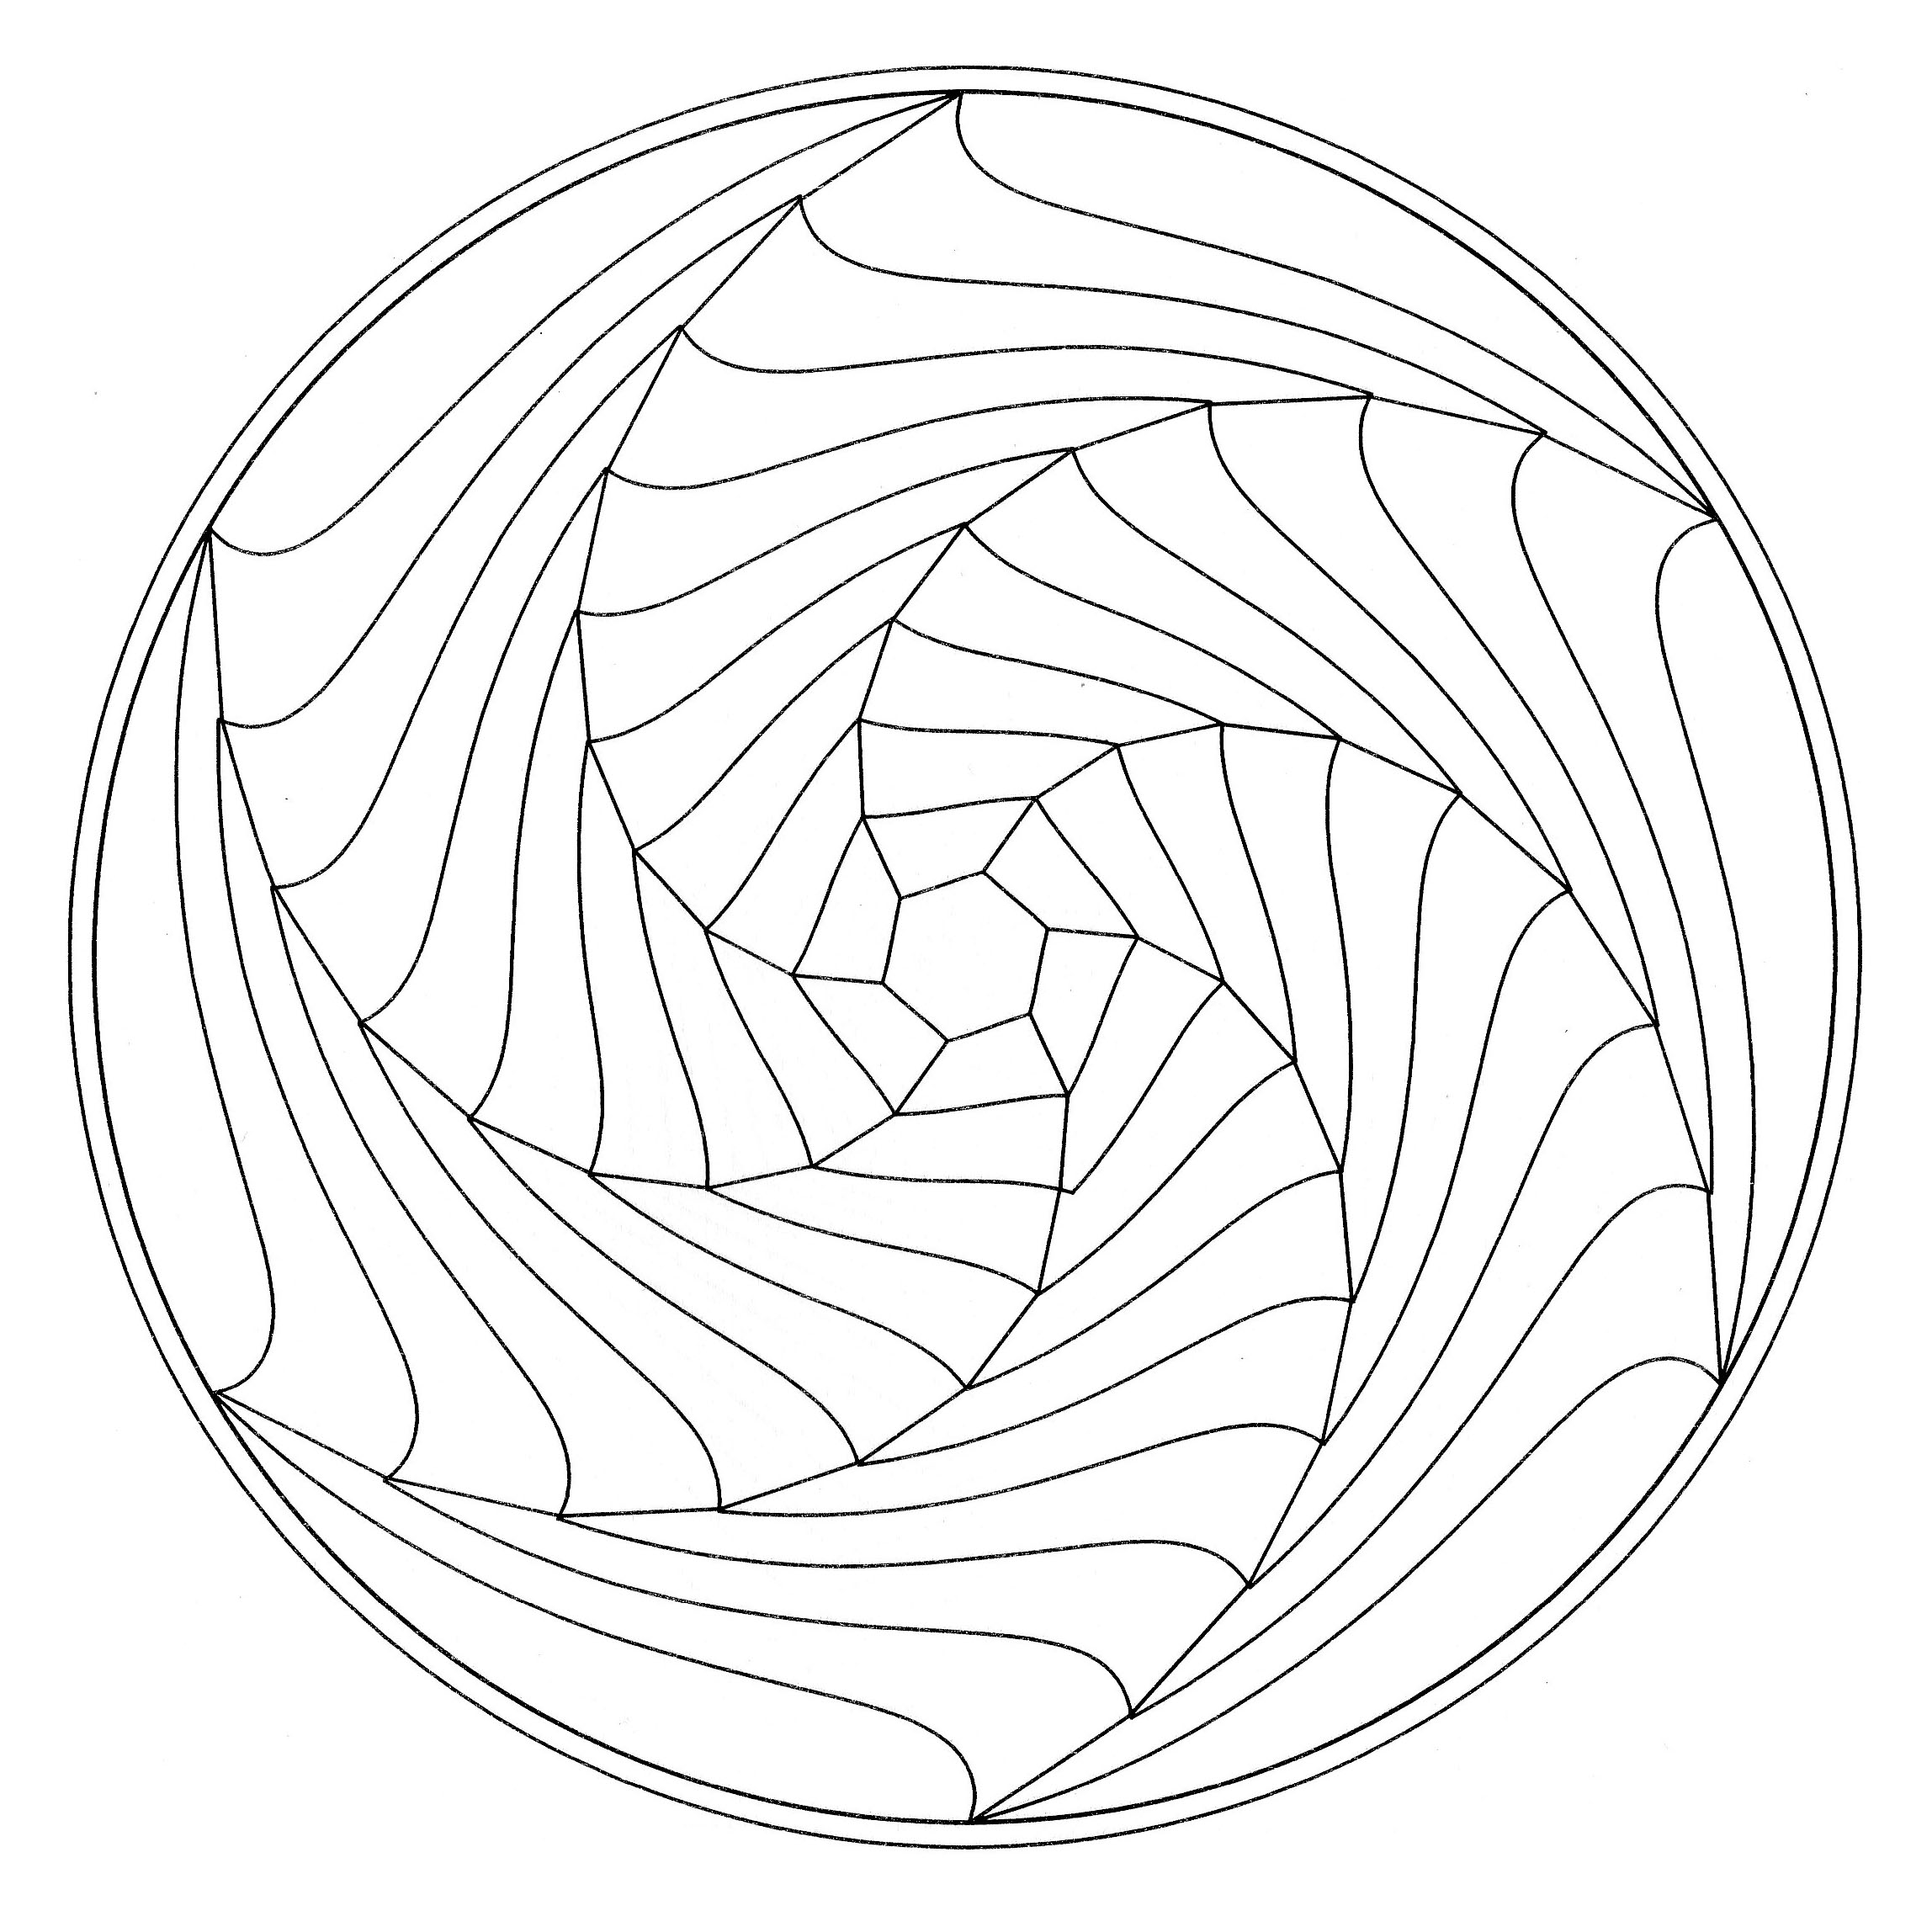 Coloriage Anti Stress Illusion Doptique.Illusion D Optique Mandalas De Difficulte Normale 100 Mandalas